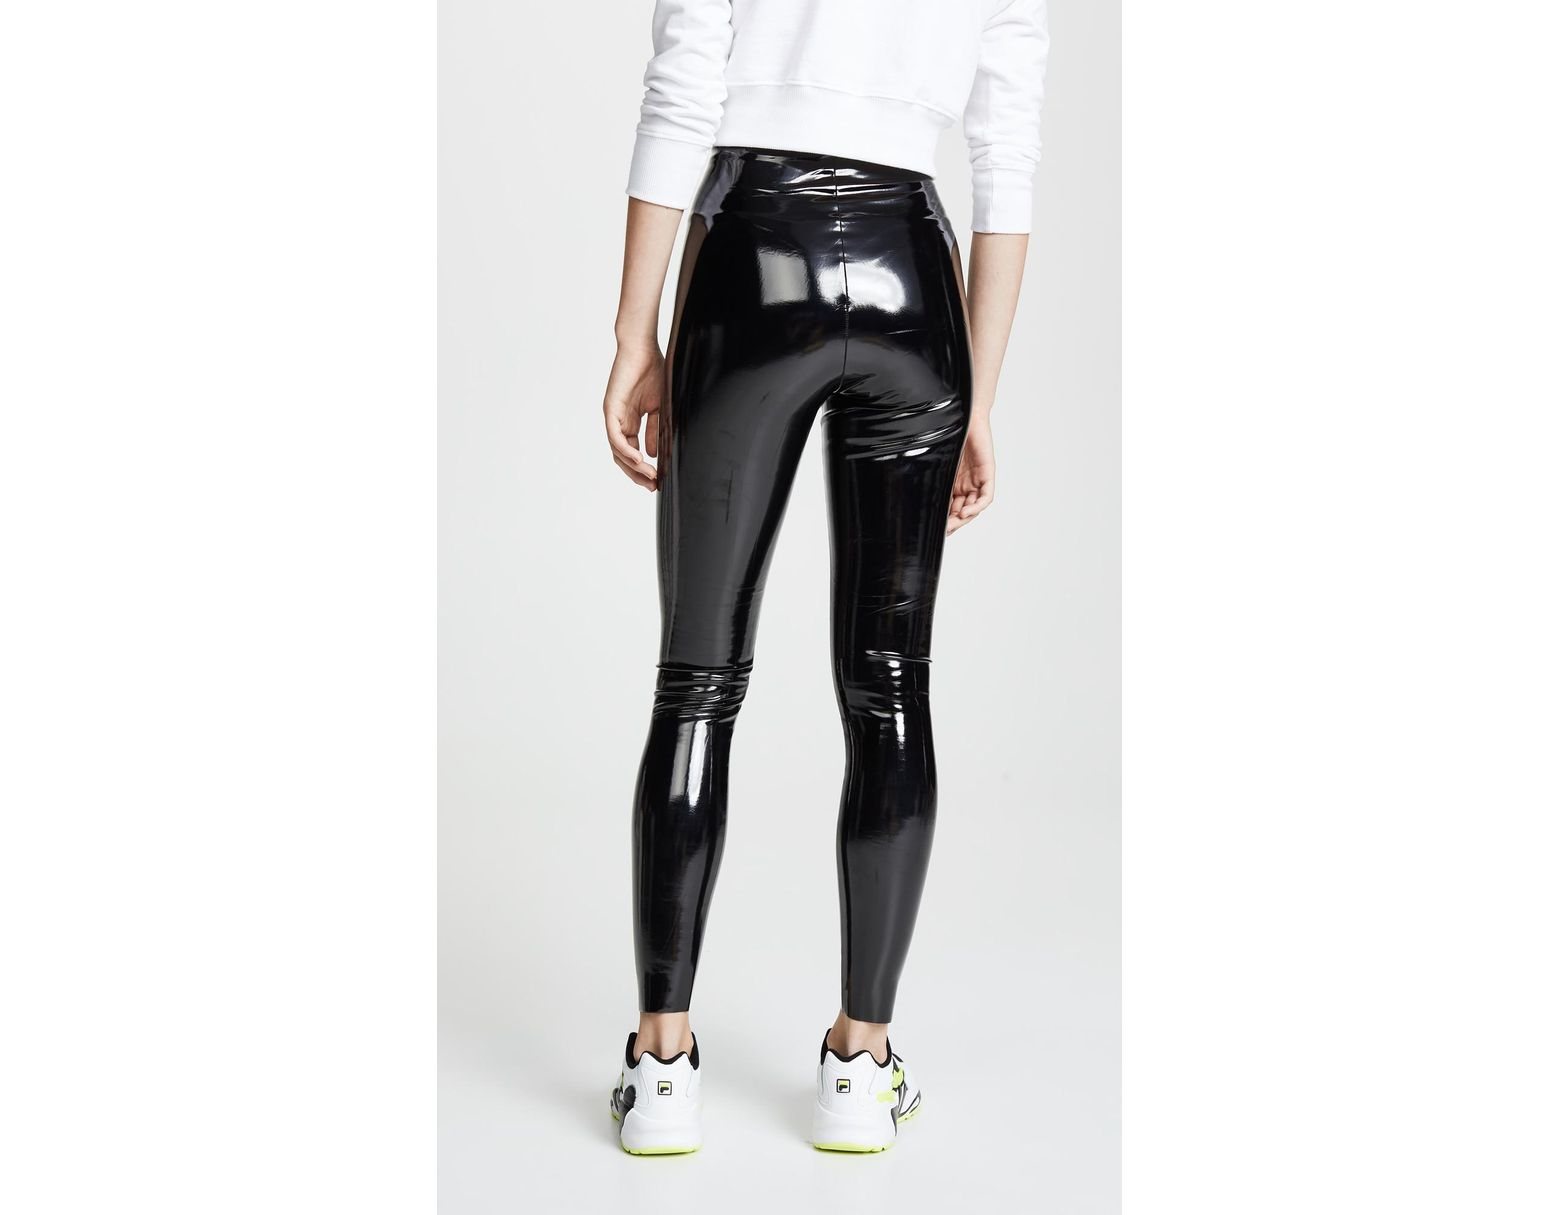 e47033595c3e8b Commando Faux Patent Leather Perfect Control Leggings in Black - Lyst